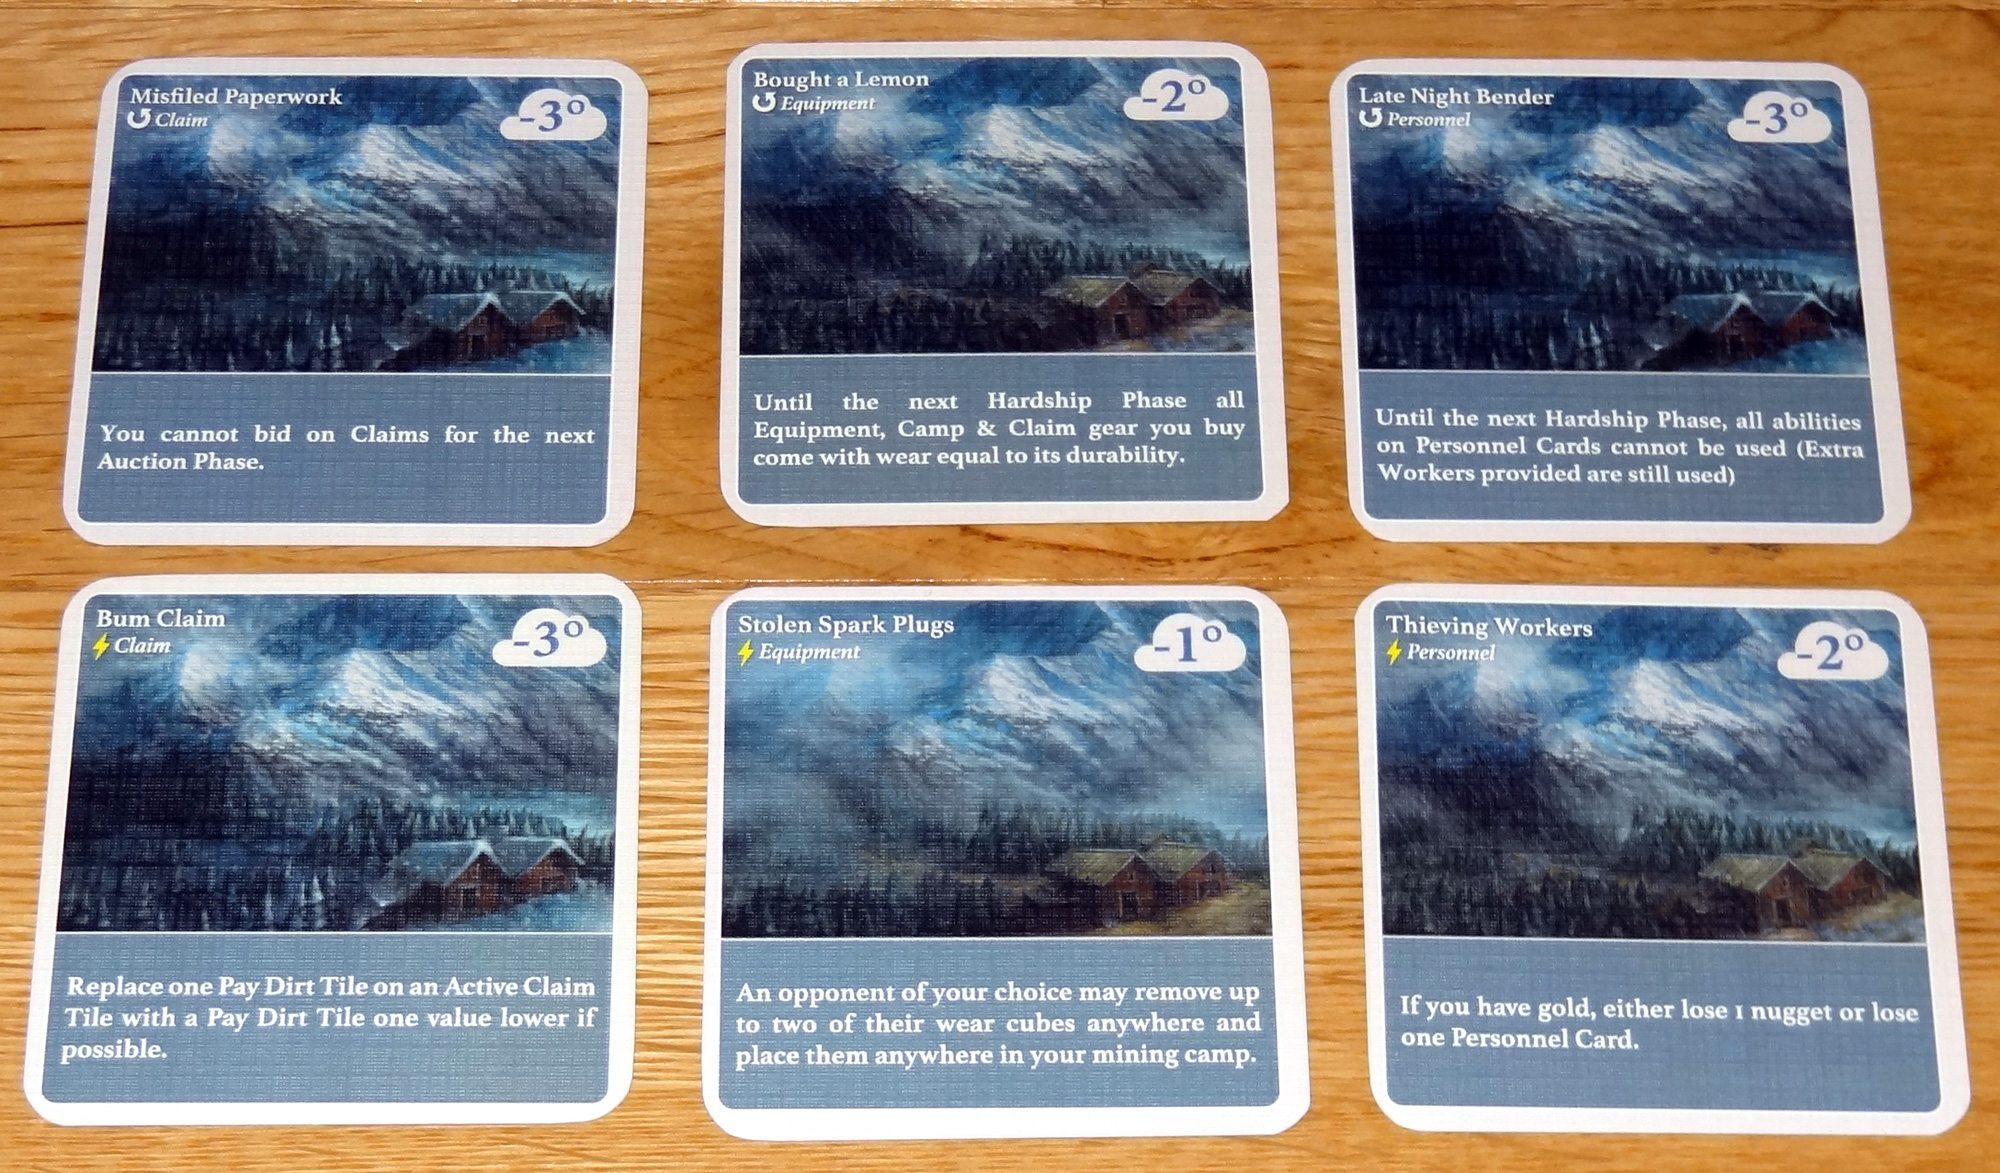 Hardship cards